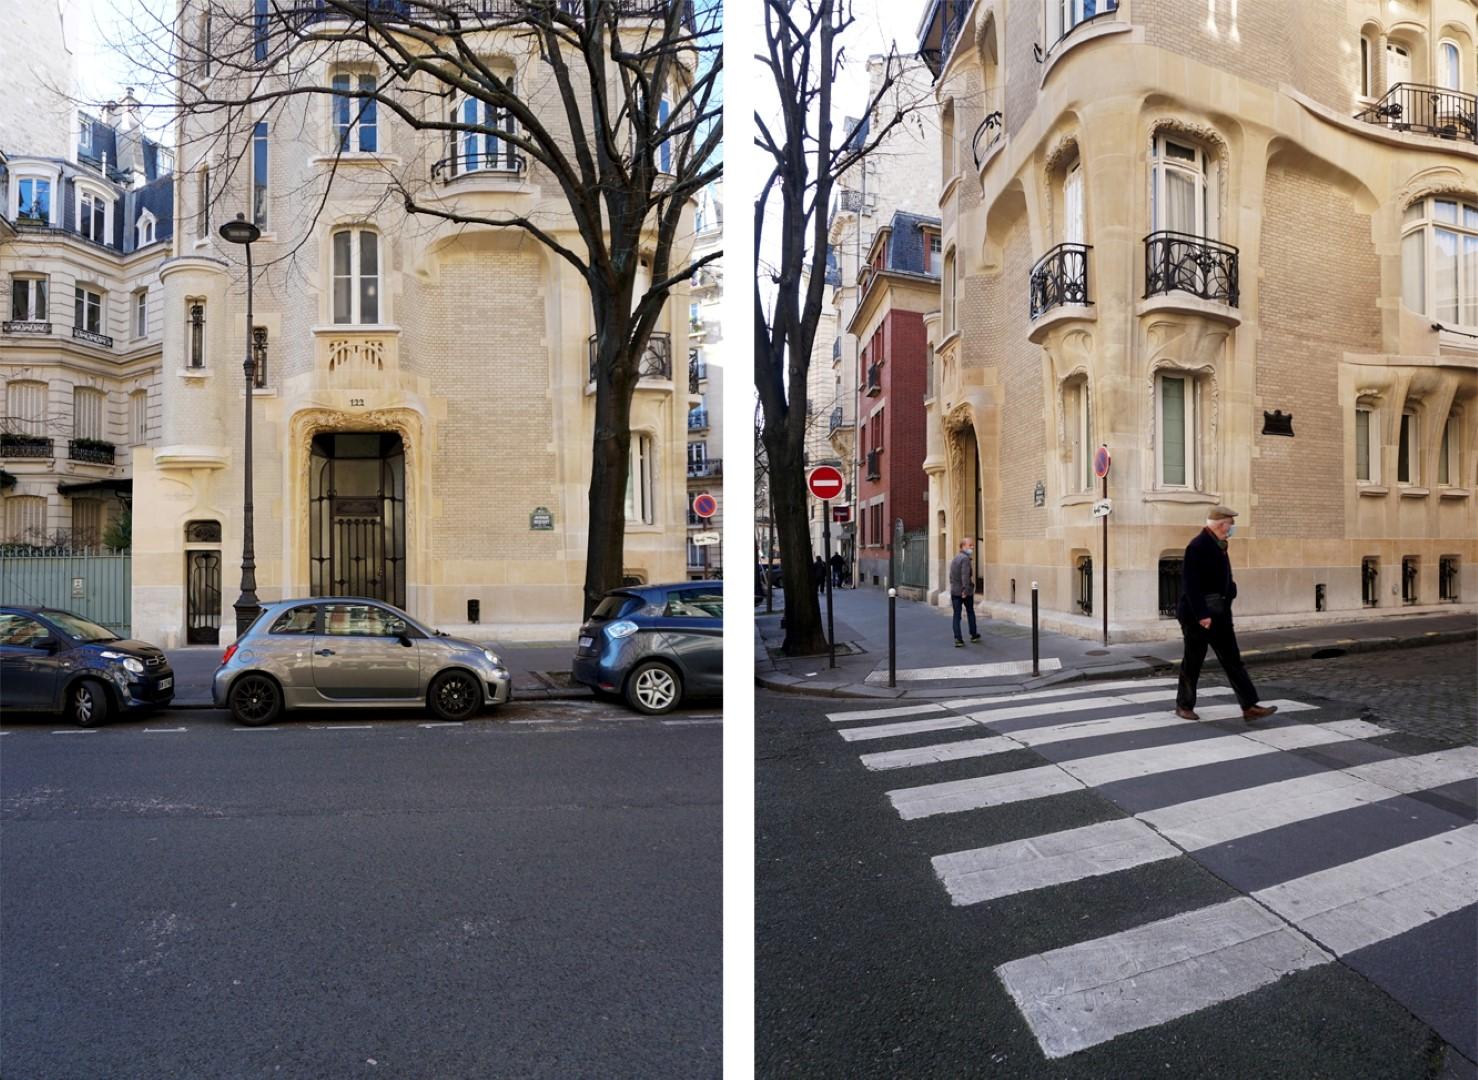 Balade dans le 16e, voies privées et art nouveau - Village d'Auteuil, Hôtel Hector Guimard  - 122 avenue Mozart